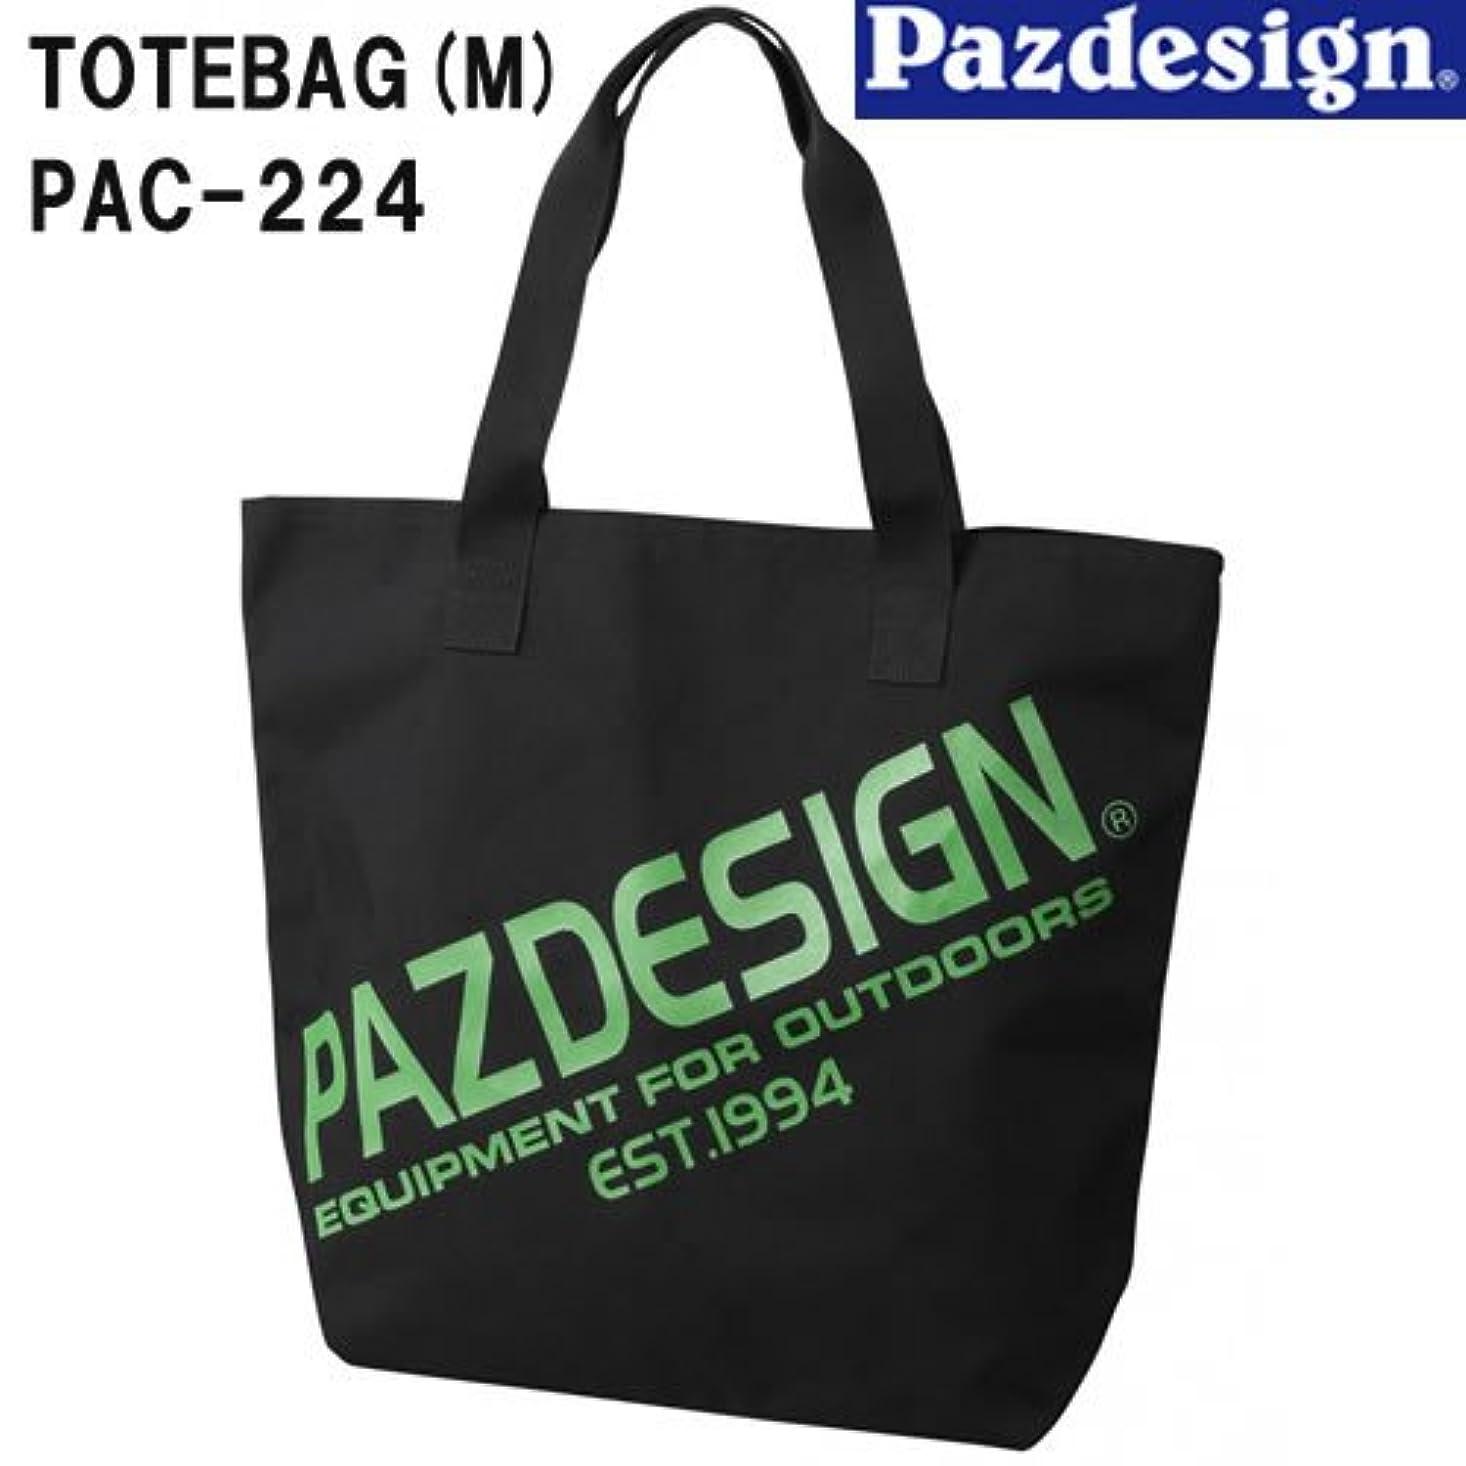 プレフィックス十分にアルファベットパズデザイン 渓流バッグ トートバッグM PAC-224 グリーンカモ